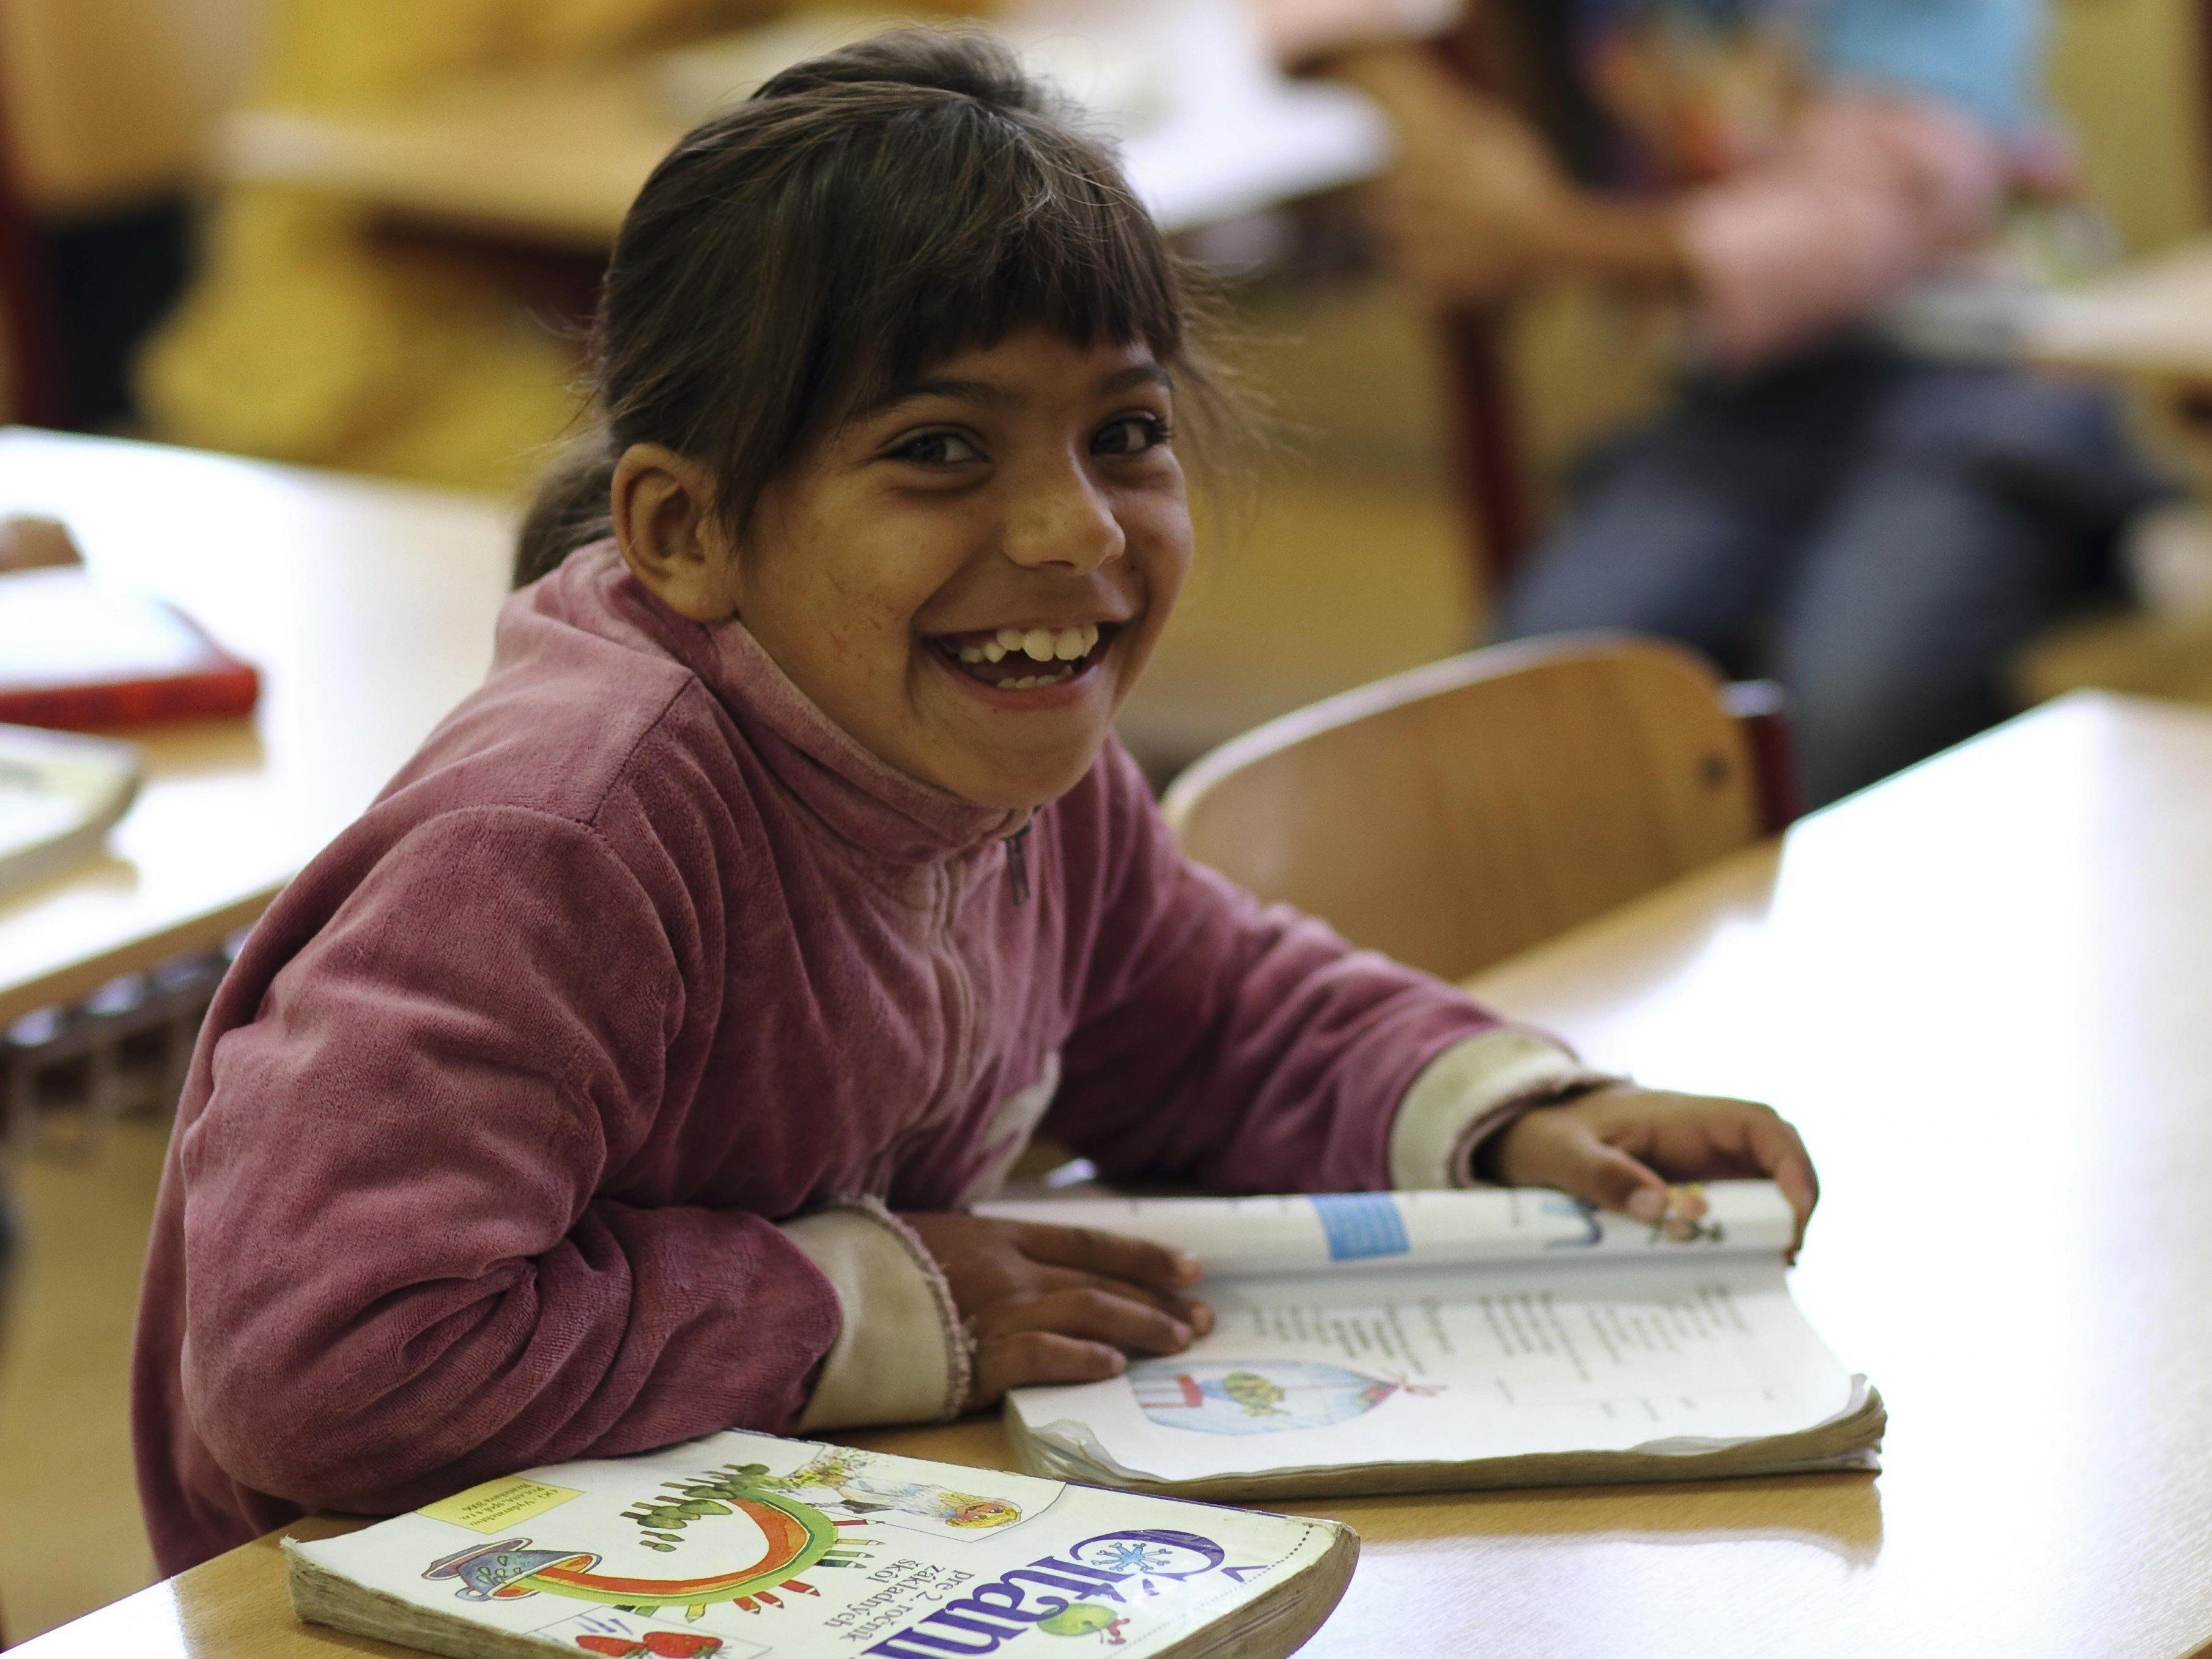 Ziel der Caritas-Lerncafés ist, Kinder dabei zu unterstützen einen positiven Schulabschluss zu erreichen.